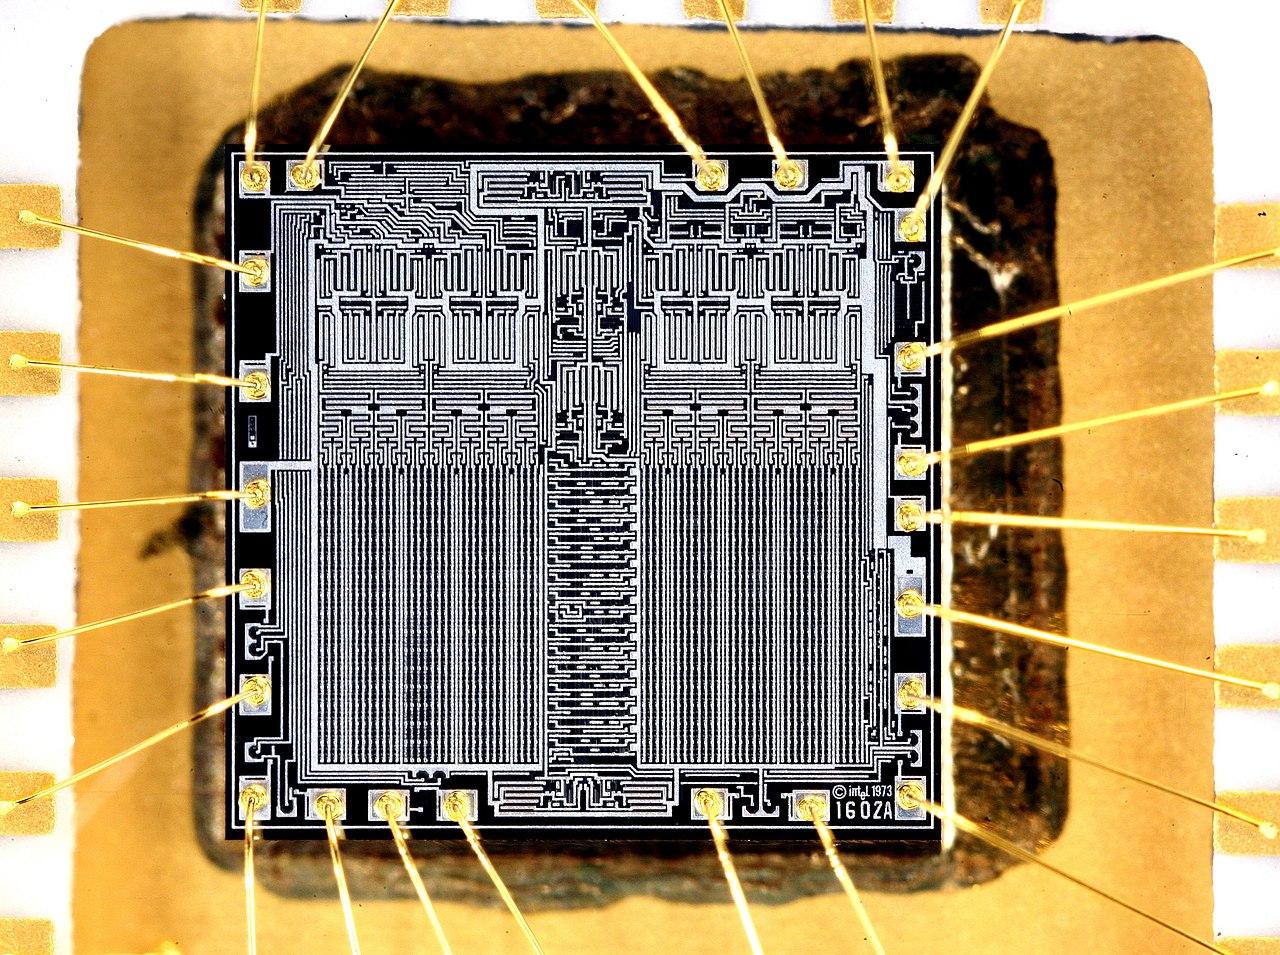 1280px-Intel_C1702A_die.jpg